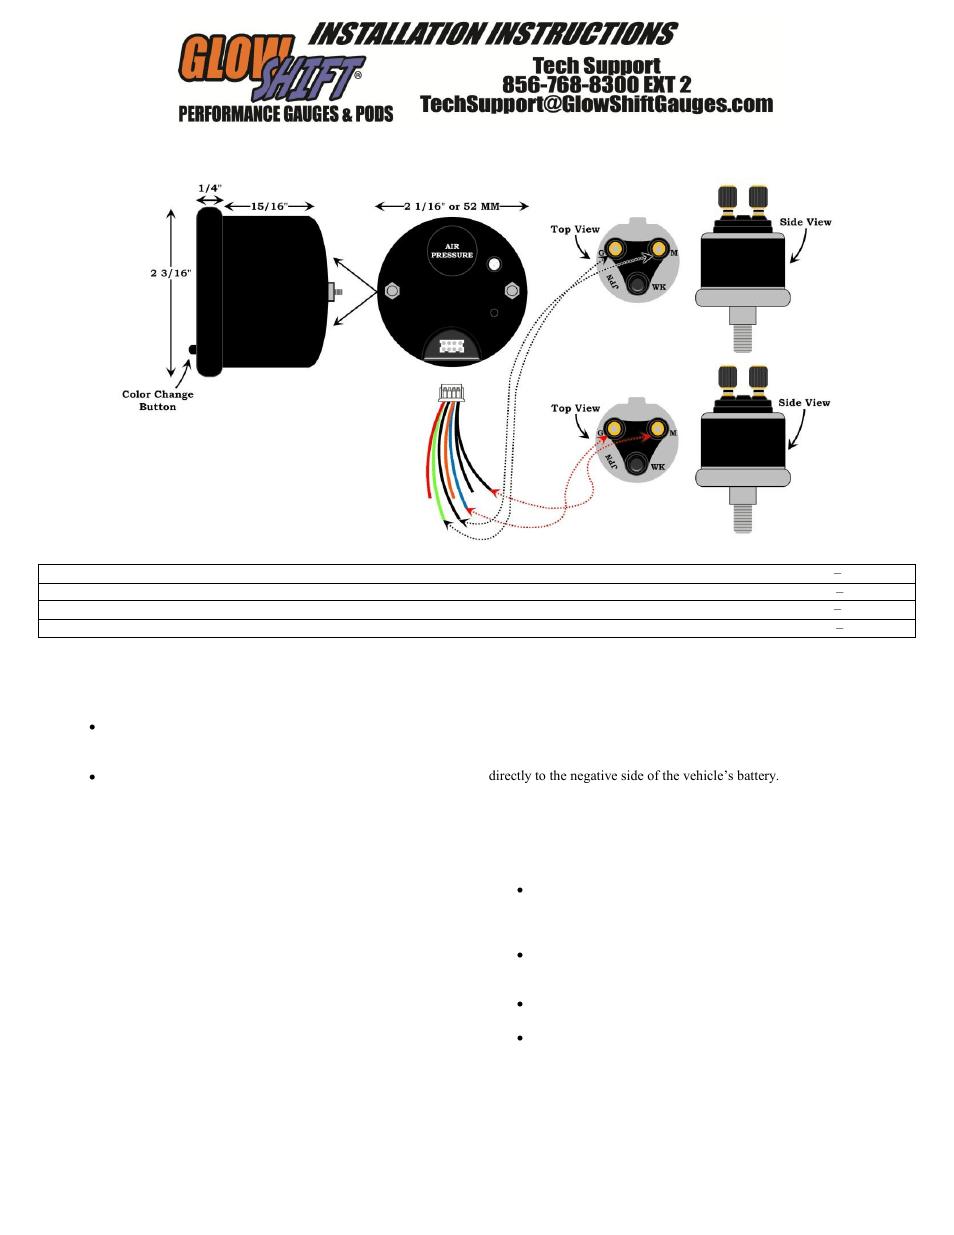 medium resolution of glowshift 7 color series 220 psi dual digital air pressure gauge temperature gauge wiring diagram air pressure gauge wiring diagram